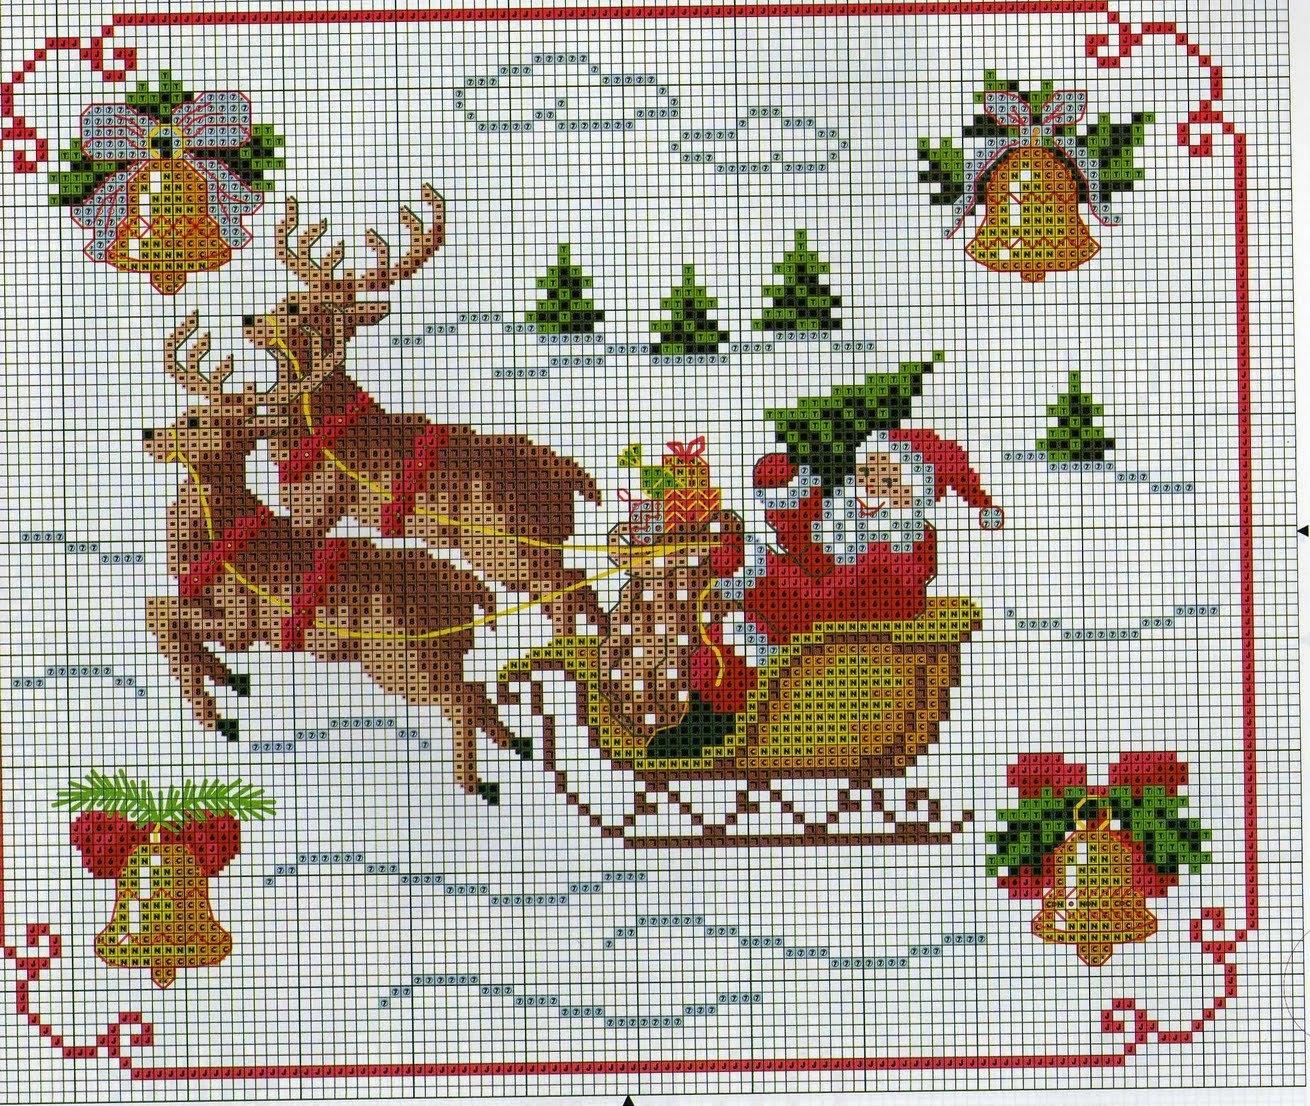 Поздравления, новогодние картинки вышивки крестиком